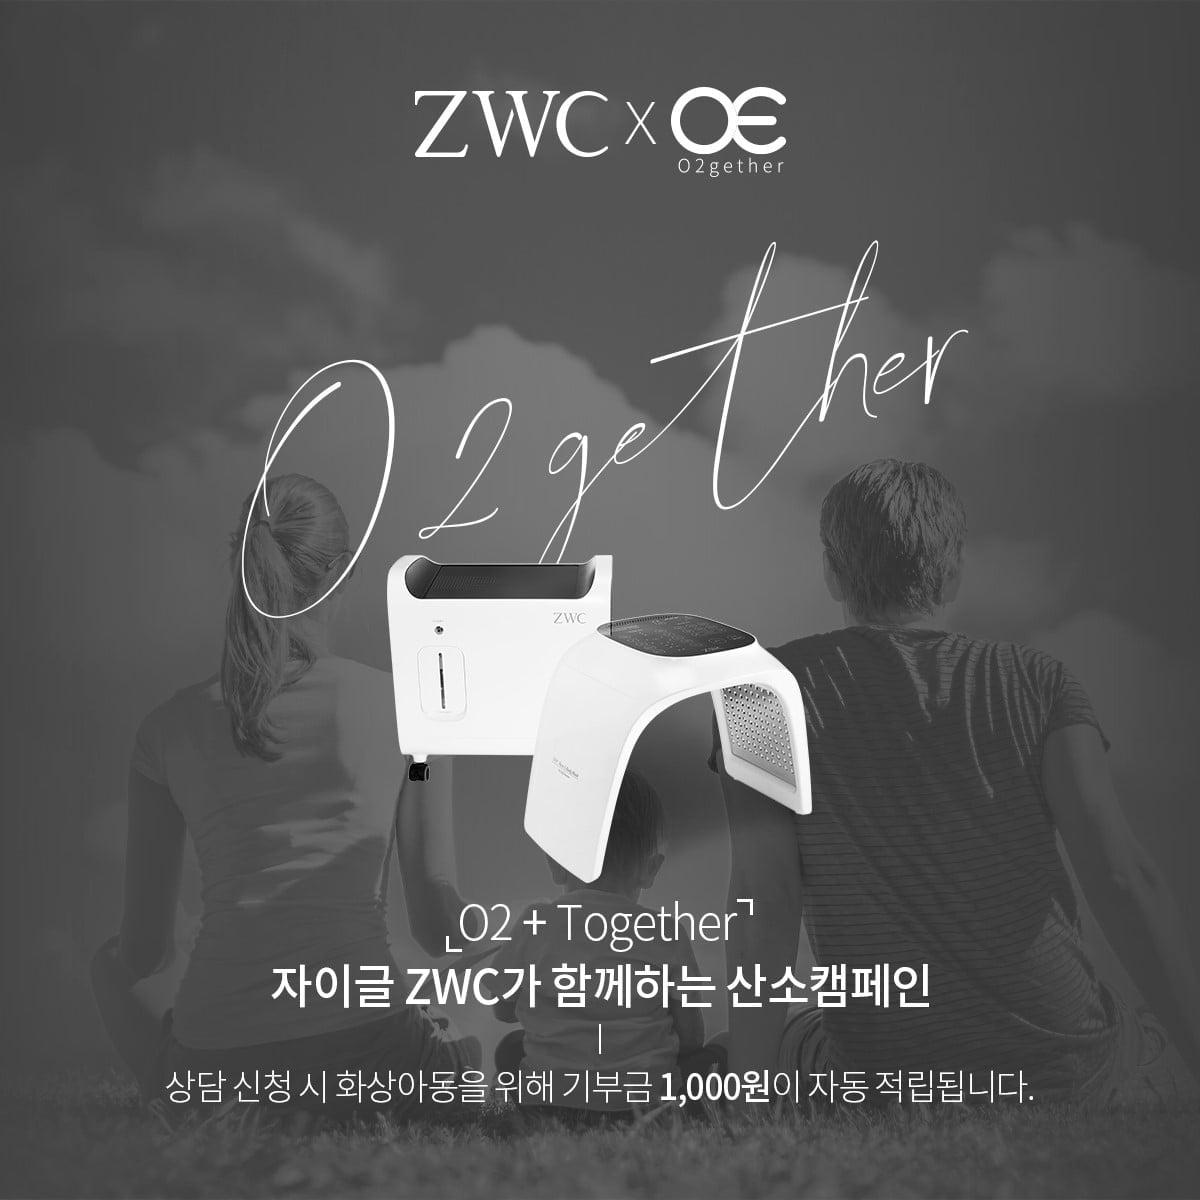 ZWC `페이스&바디마스크`, 산소캠페인으로 화제…산소를 강조한 `O2gether`캠페인으로 국민 건강 증진에 앞장서